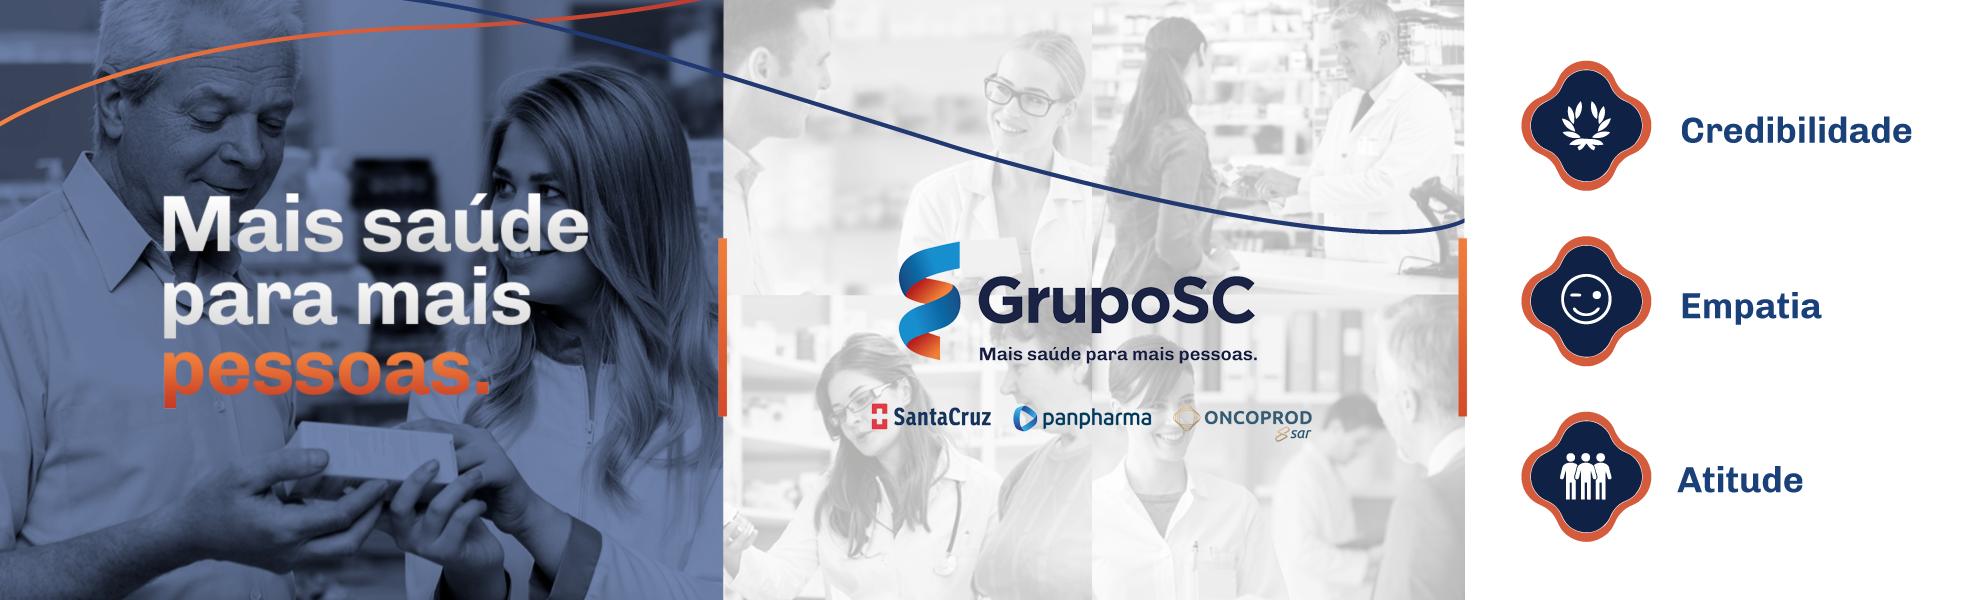 GrupoSC